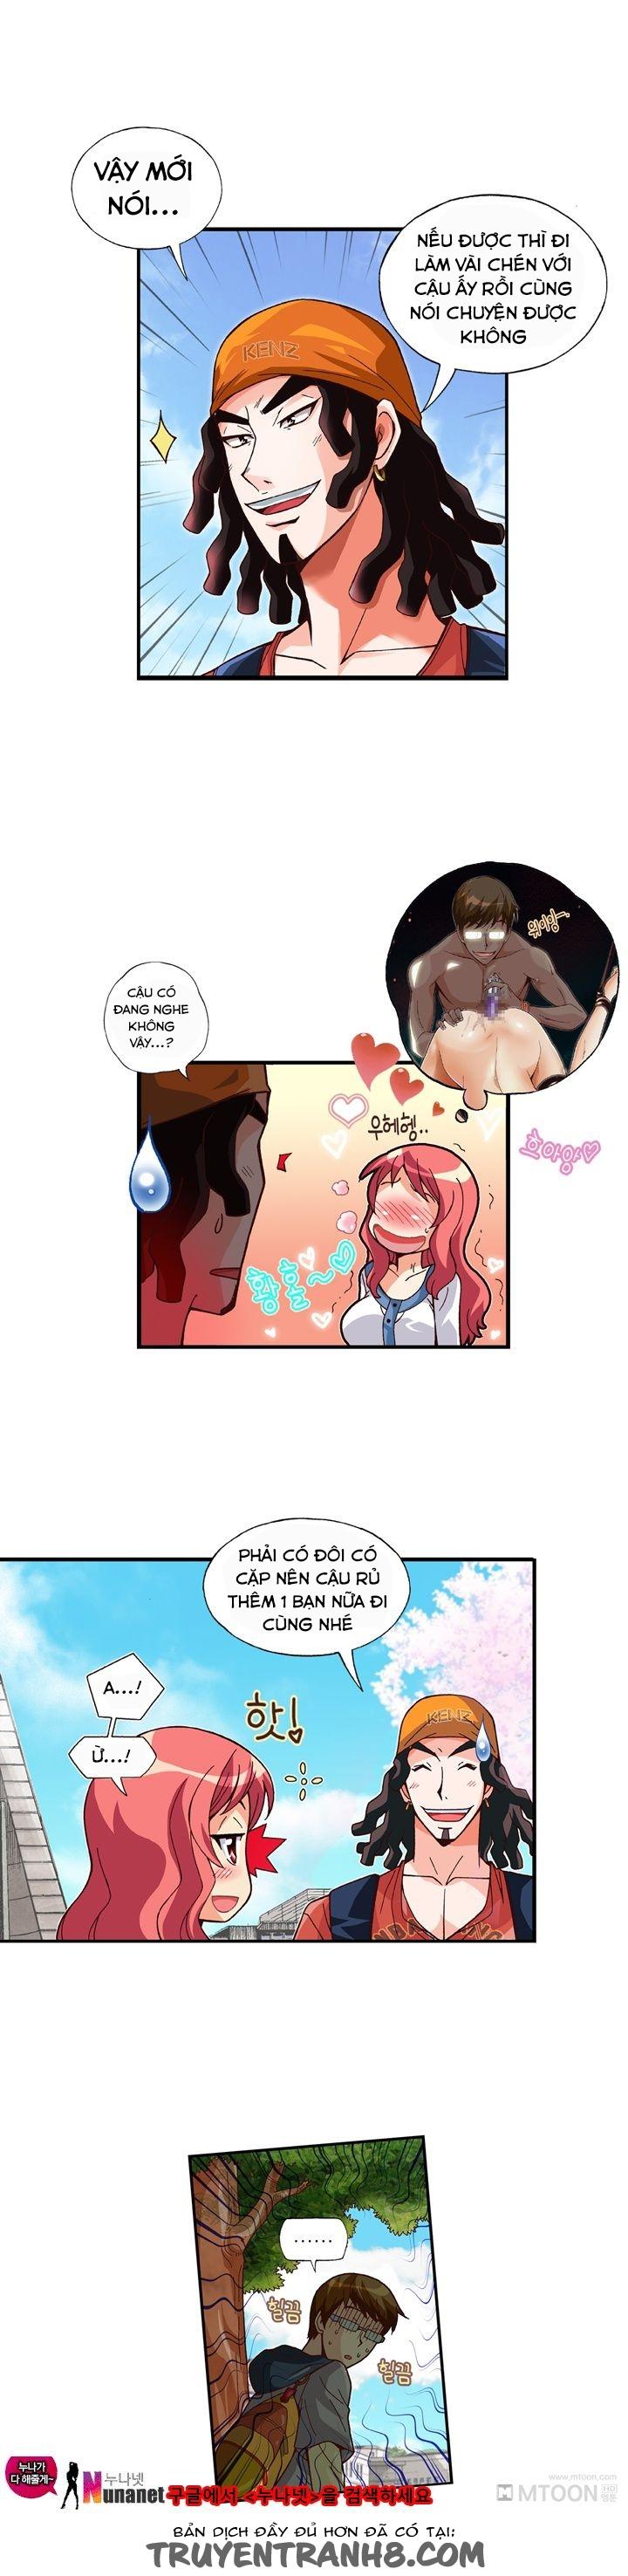 Hình ảnh 08 trong bài viết [Siêu phẩm] Hentai Màu Xin lỗi tớ thật dâm đãng